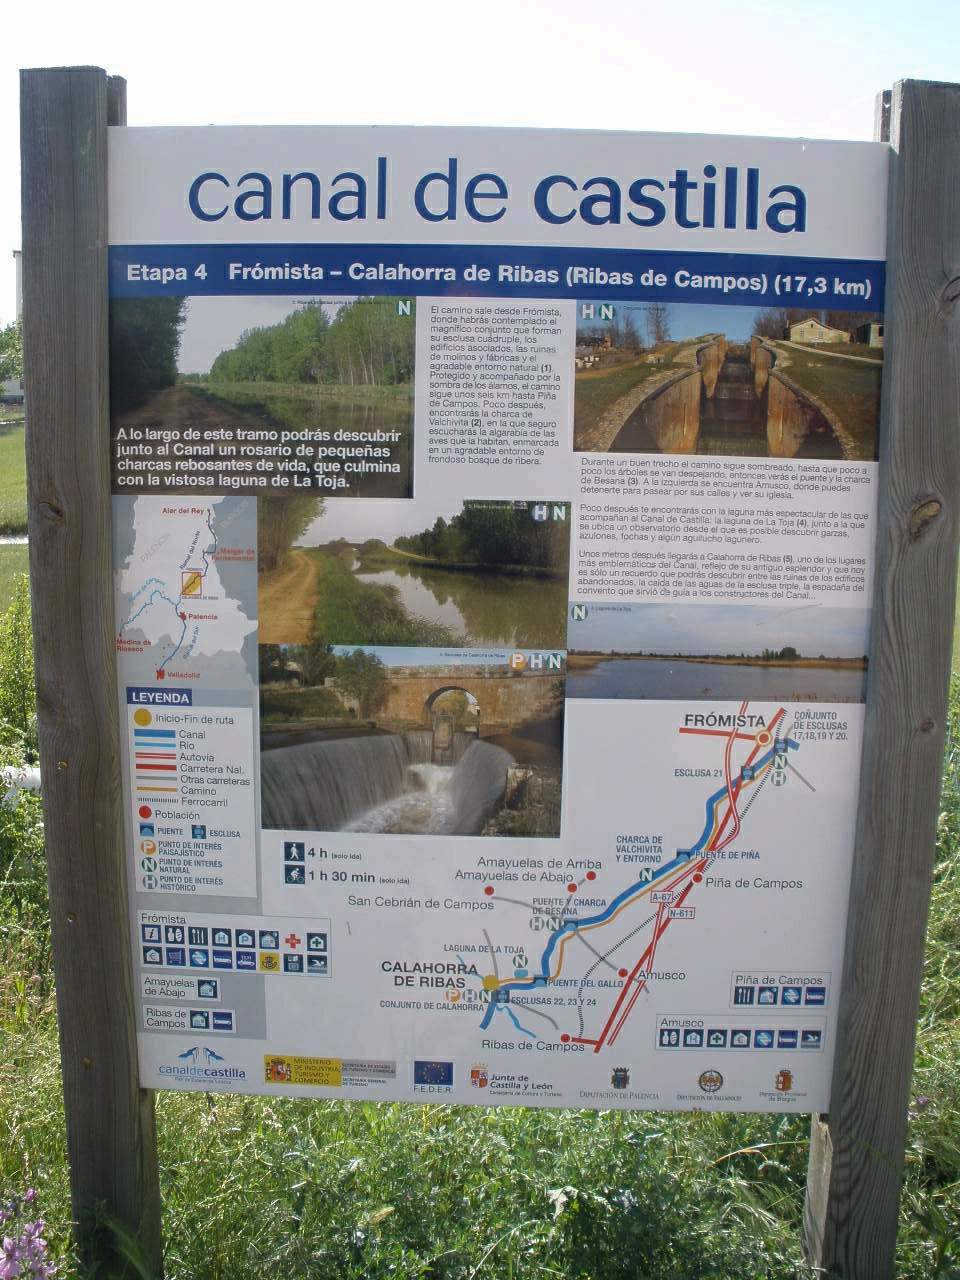 Obras hidráulicas - Canal de Castilla